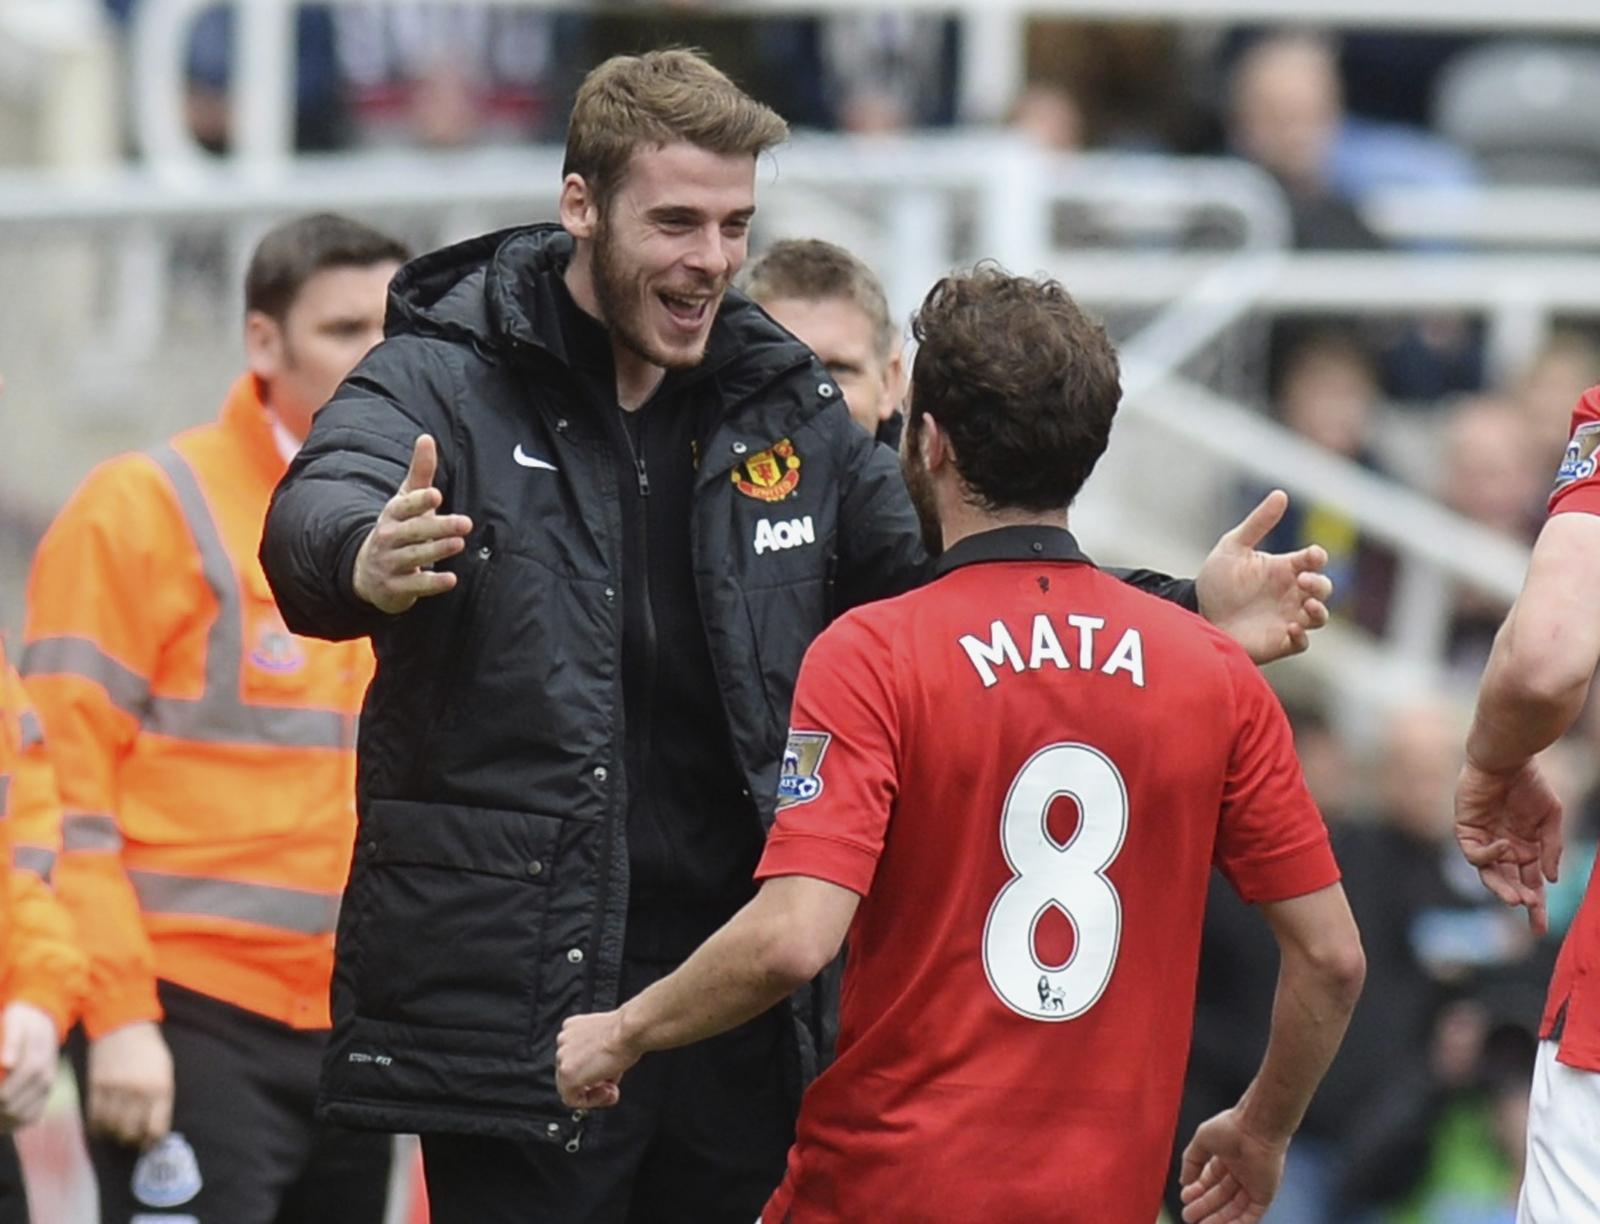 Juan Mata and David De Gea